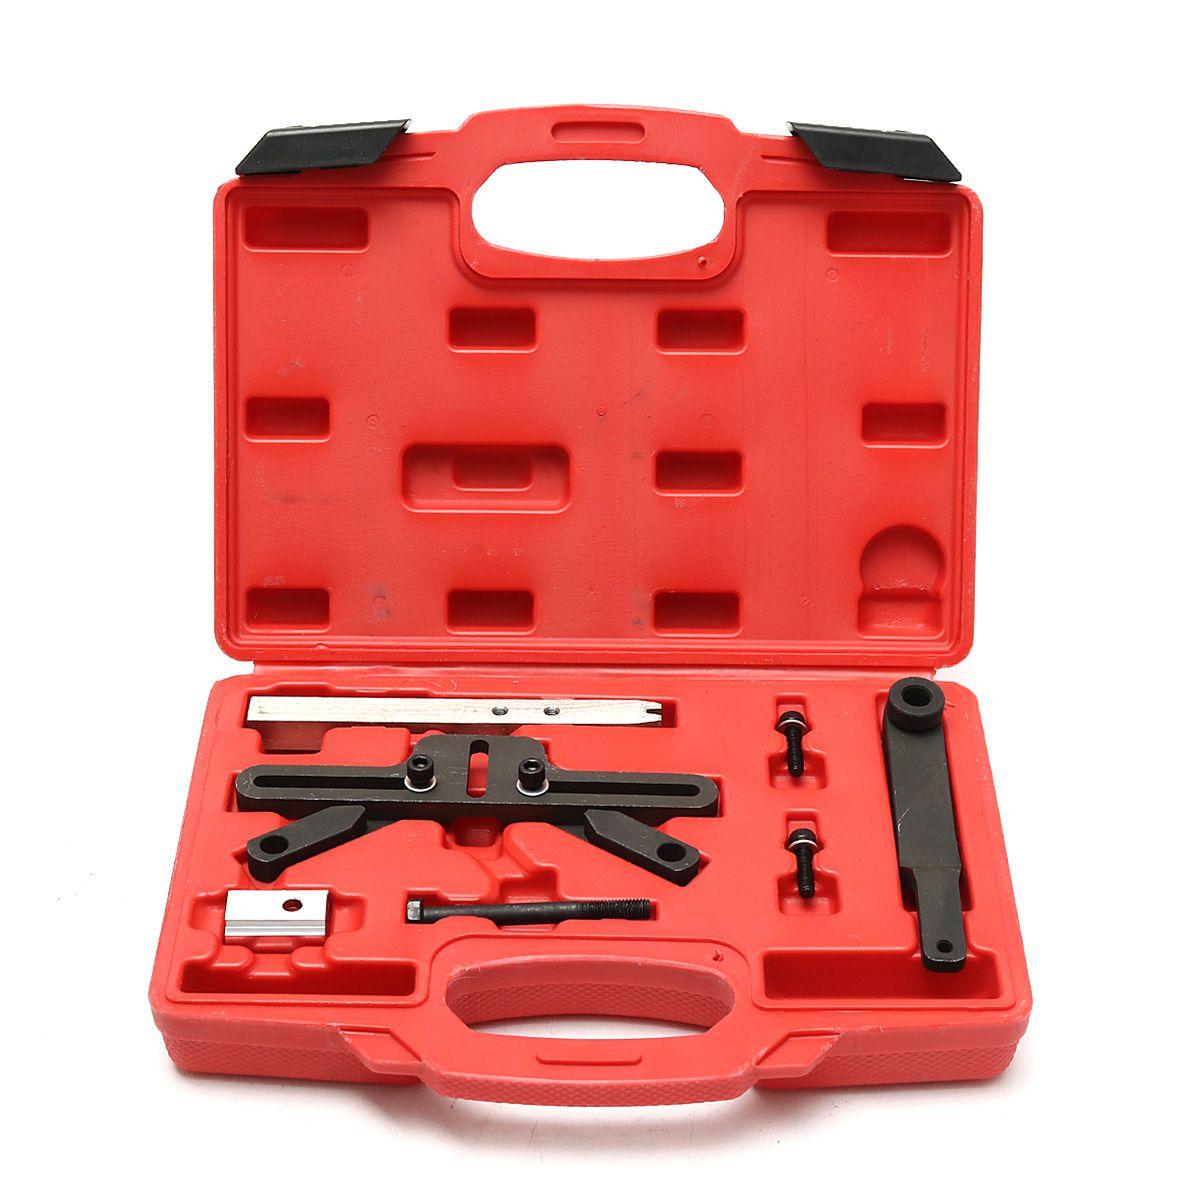 Kit d'outils de blocage de distribution de volant d'inertie pour BMW Mini M47T2 M57T2 M67 N43 N45 moteurs outils professionnels boîtier en plastique 29.5x22x6 cm